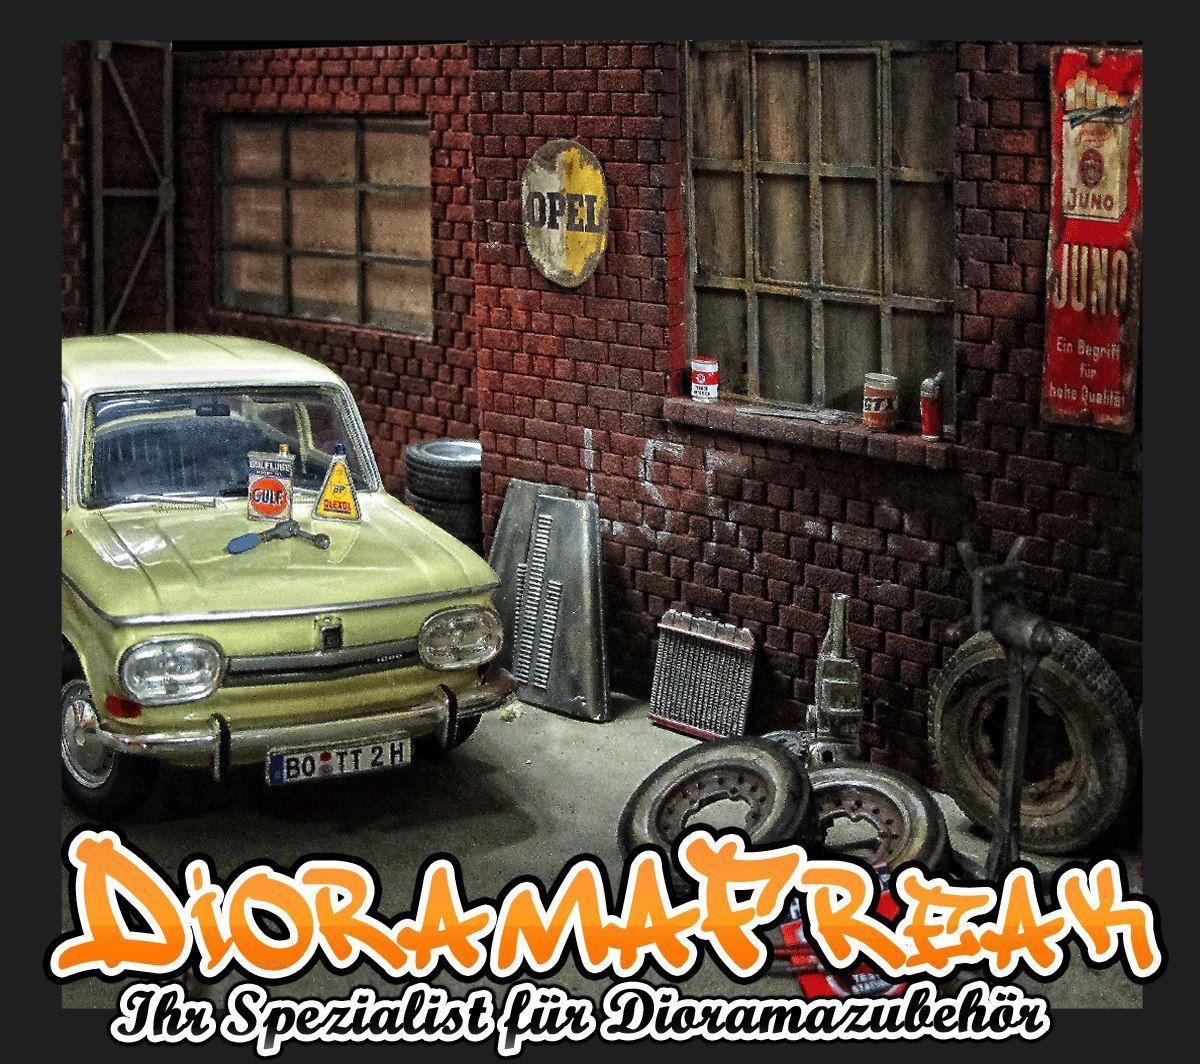 DioramaFreak Modellbau Modellauto Werkstatt Industrie Halle Garage Strasse  Hauswand Ziegestein Platte Fenster Diorama Deko Zubehör 1/18